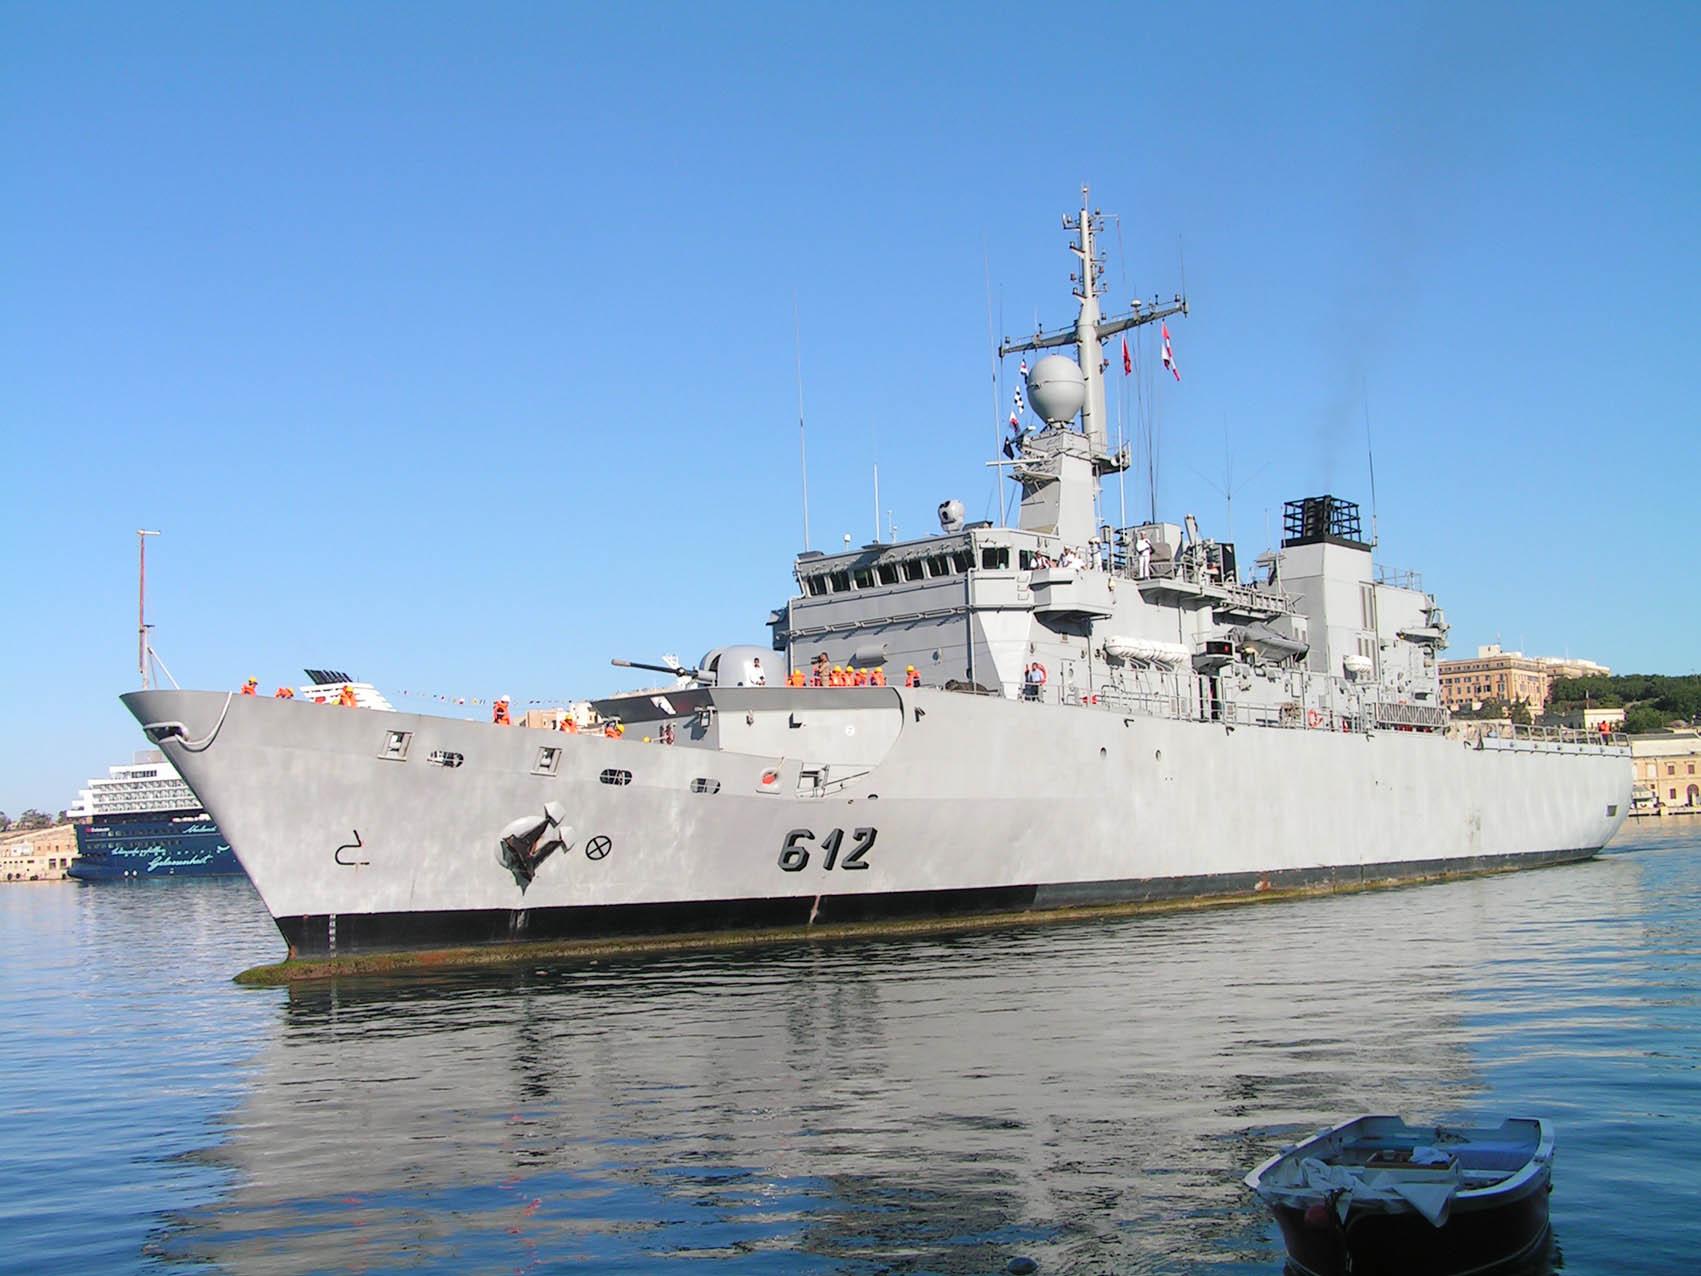 البحرية الملكية المغربية -شامل- - صفحة 12 14466573926_0572062e6c_o